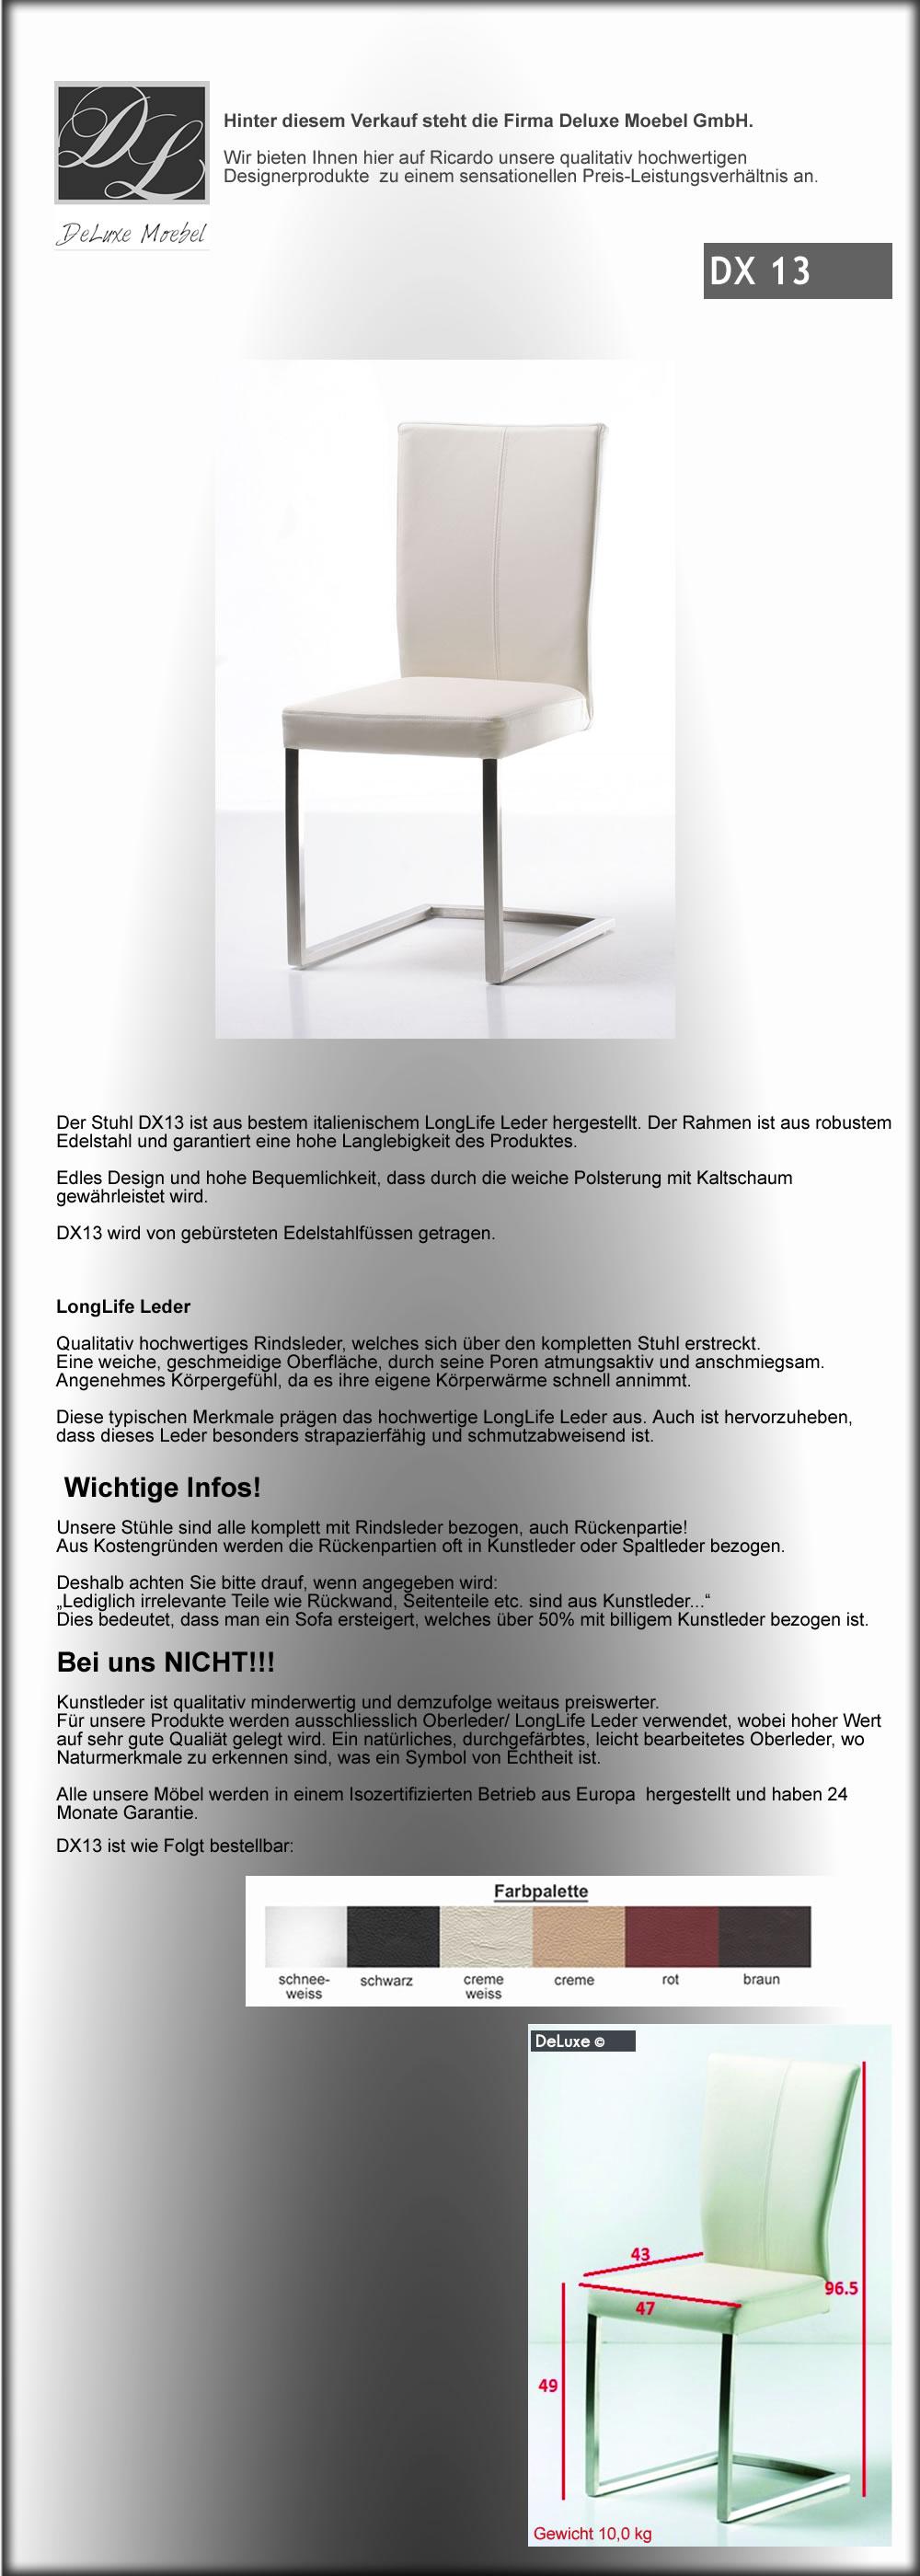 deluxe freischwinger in echtleder in bischofszell kaufen. Black Bedroom Furniture Sets. Home Design Ideas